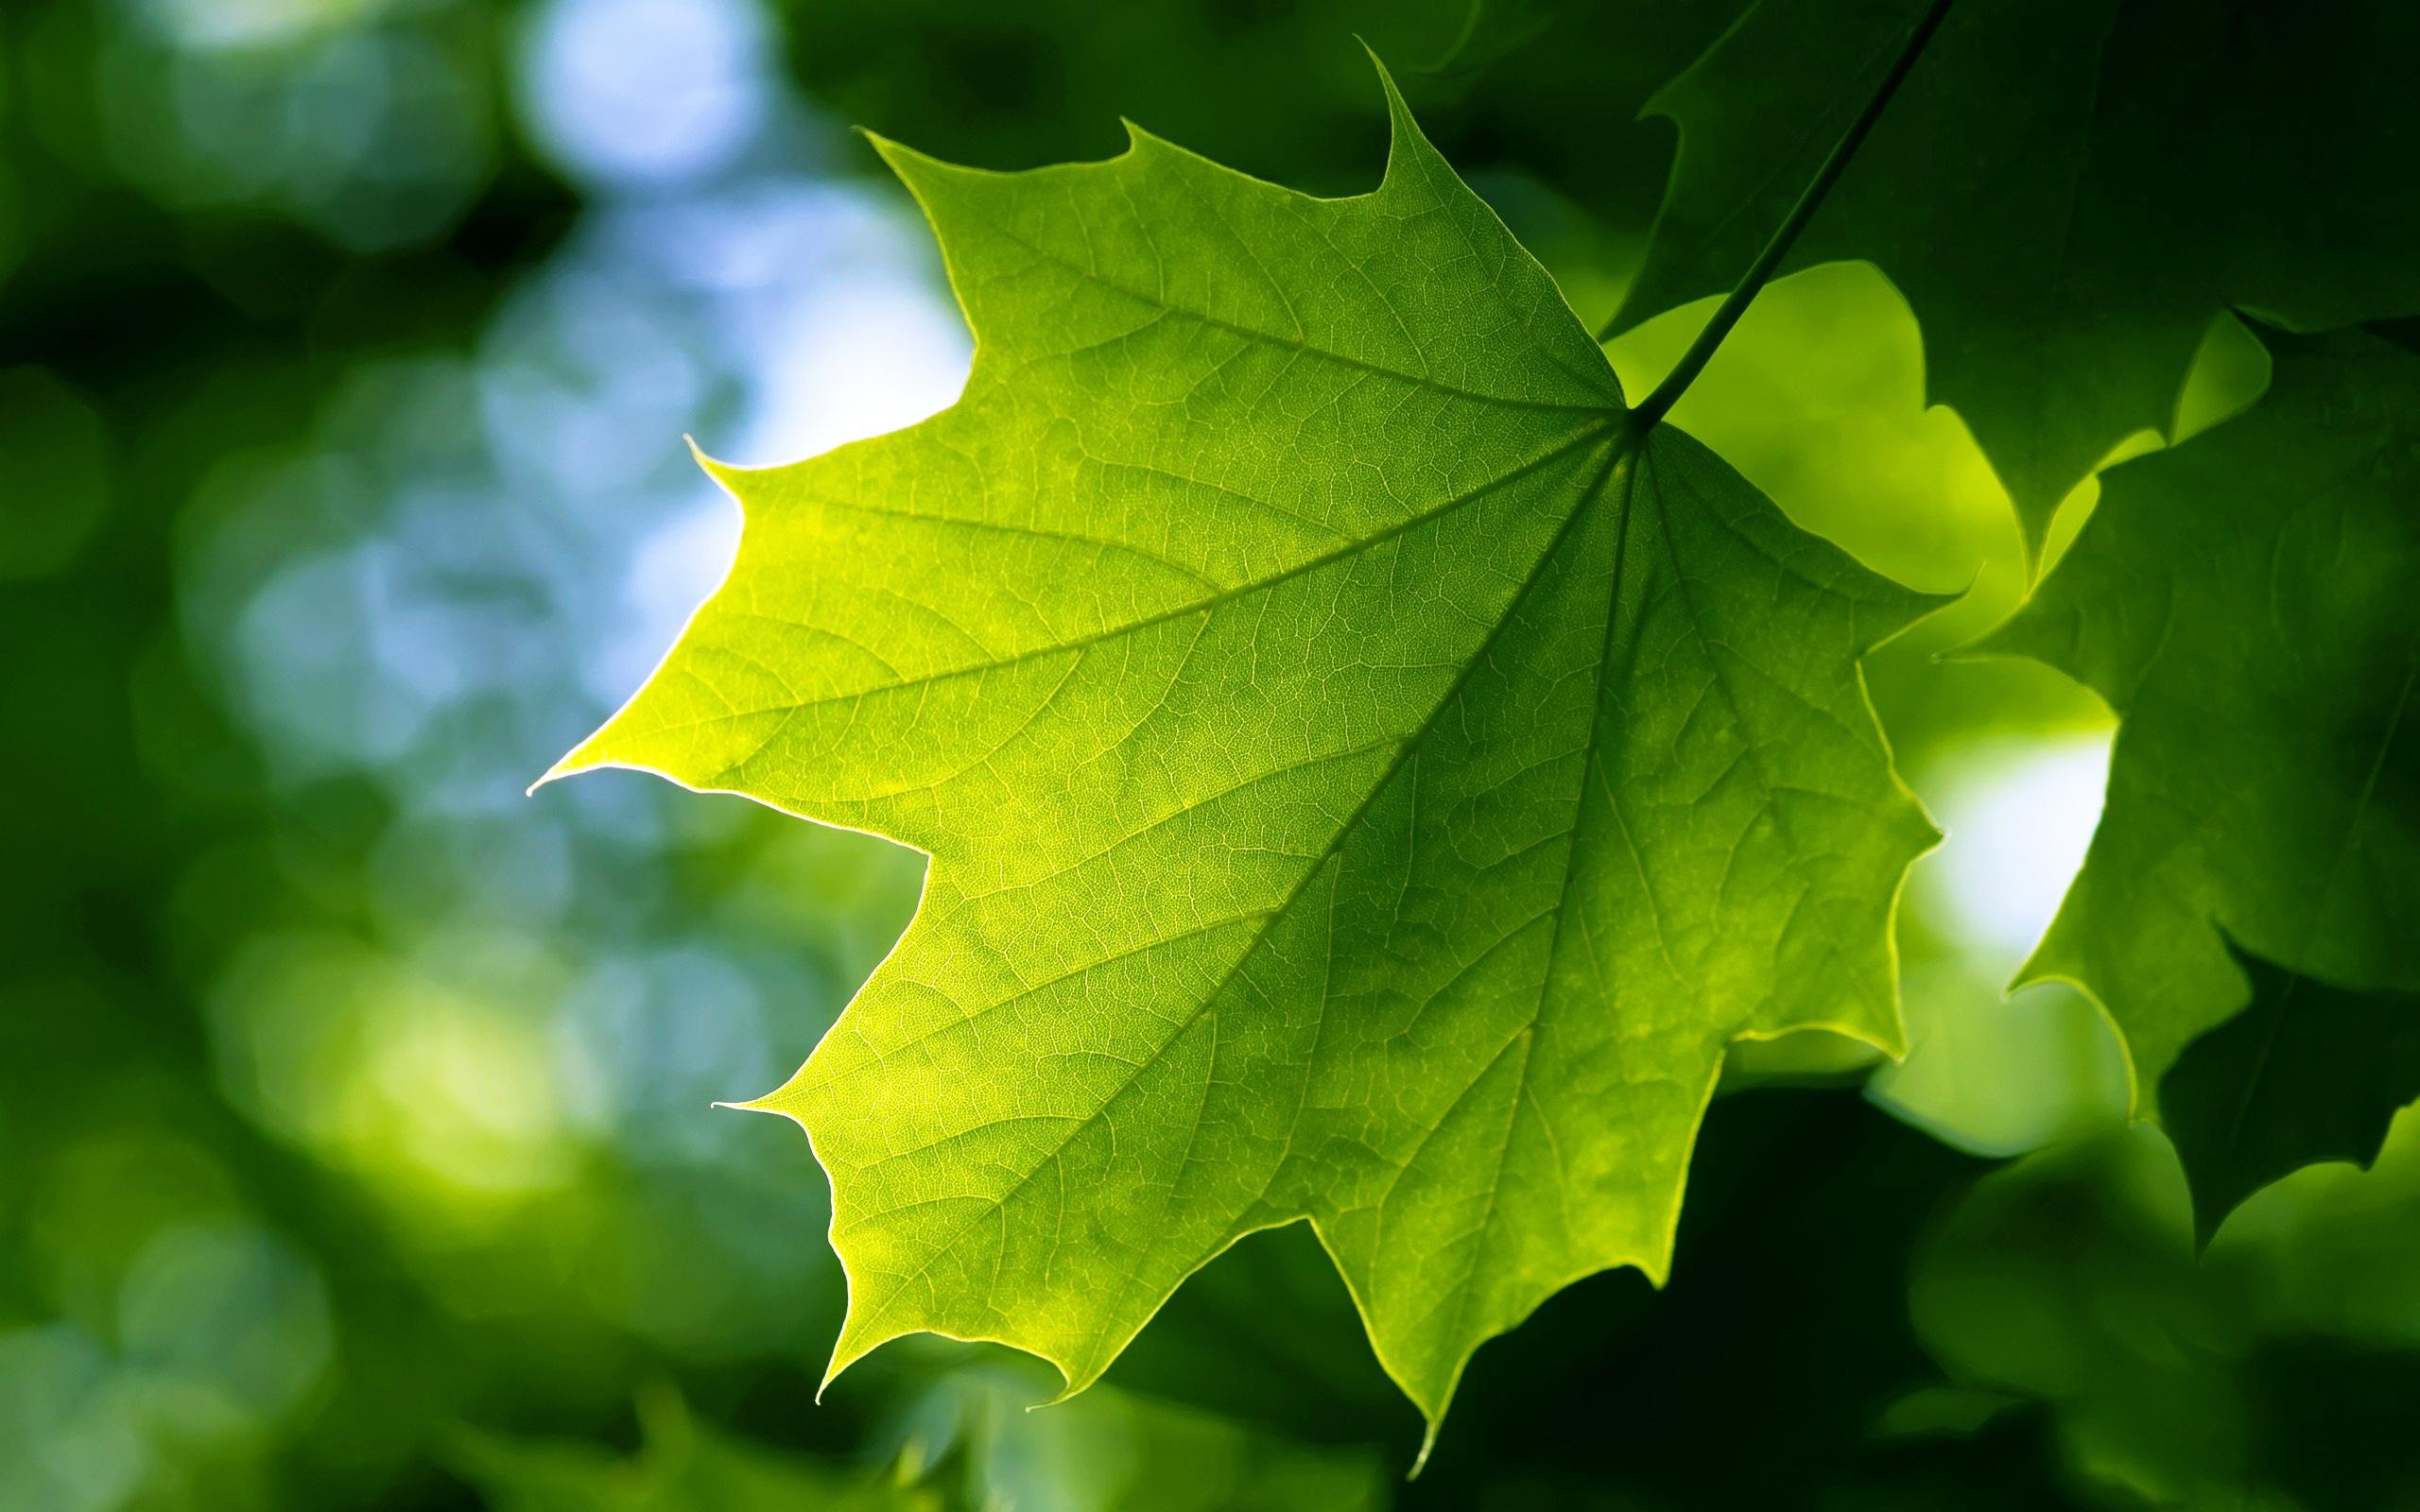 Green Leaf : 7 Green Leaf Landscaping | Biological Science Picture ...